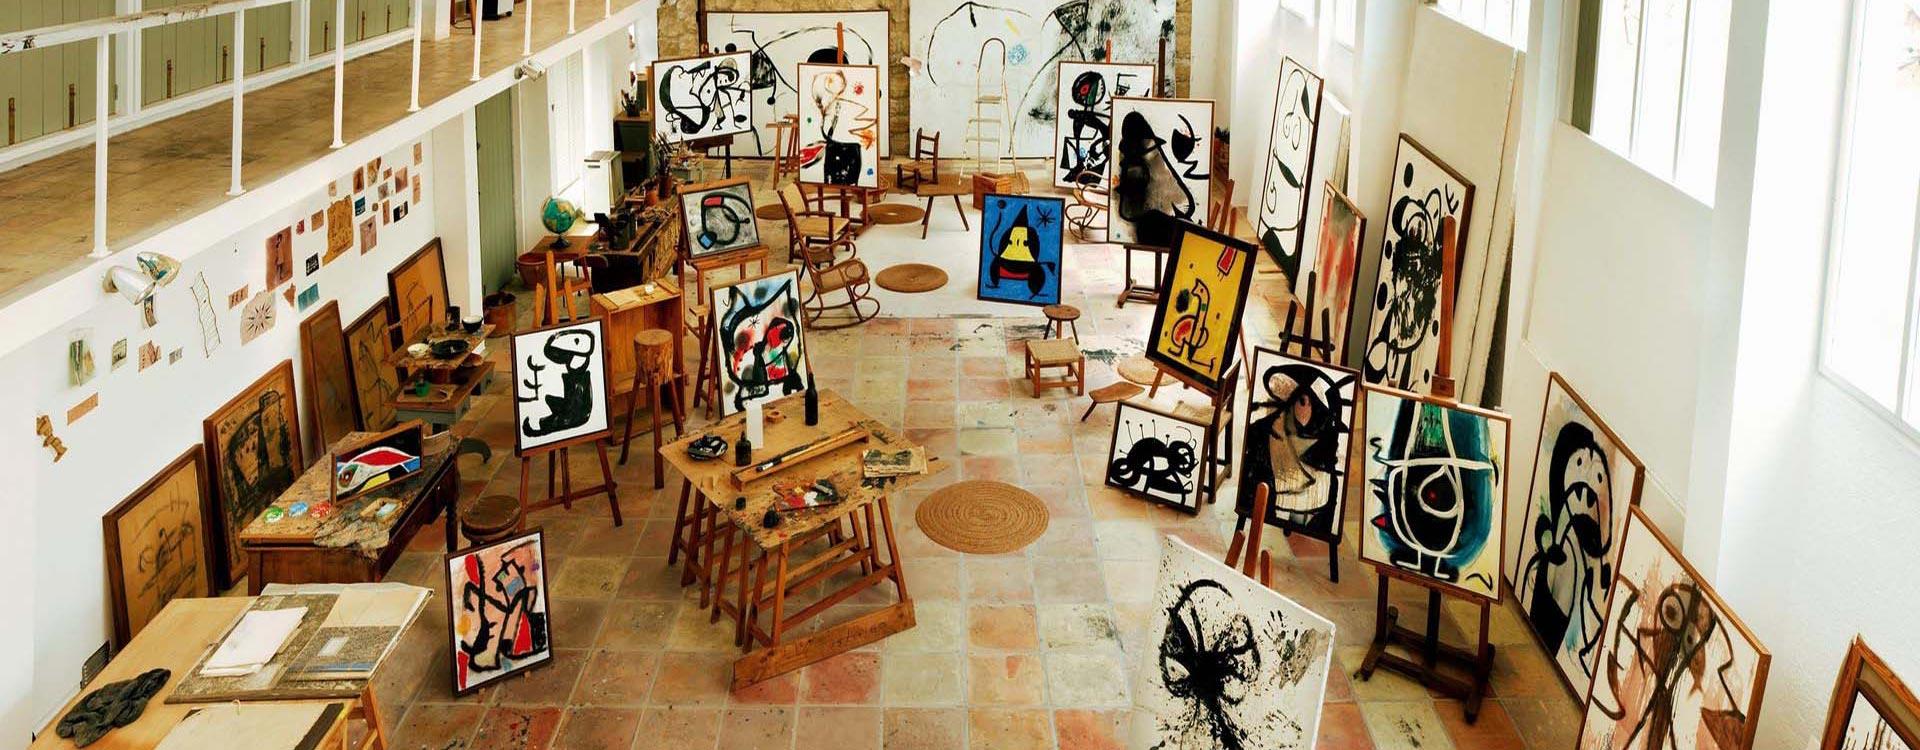 MUSEOS DE ARTE MODERNO Y CONTEMPORÁNEO